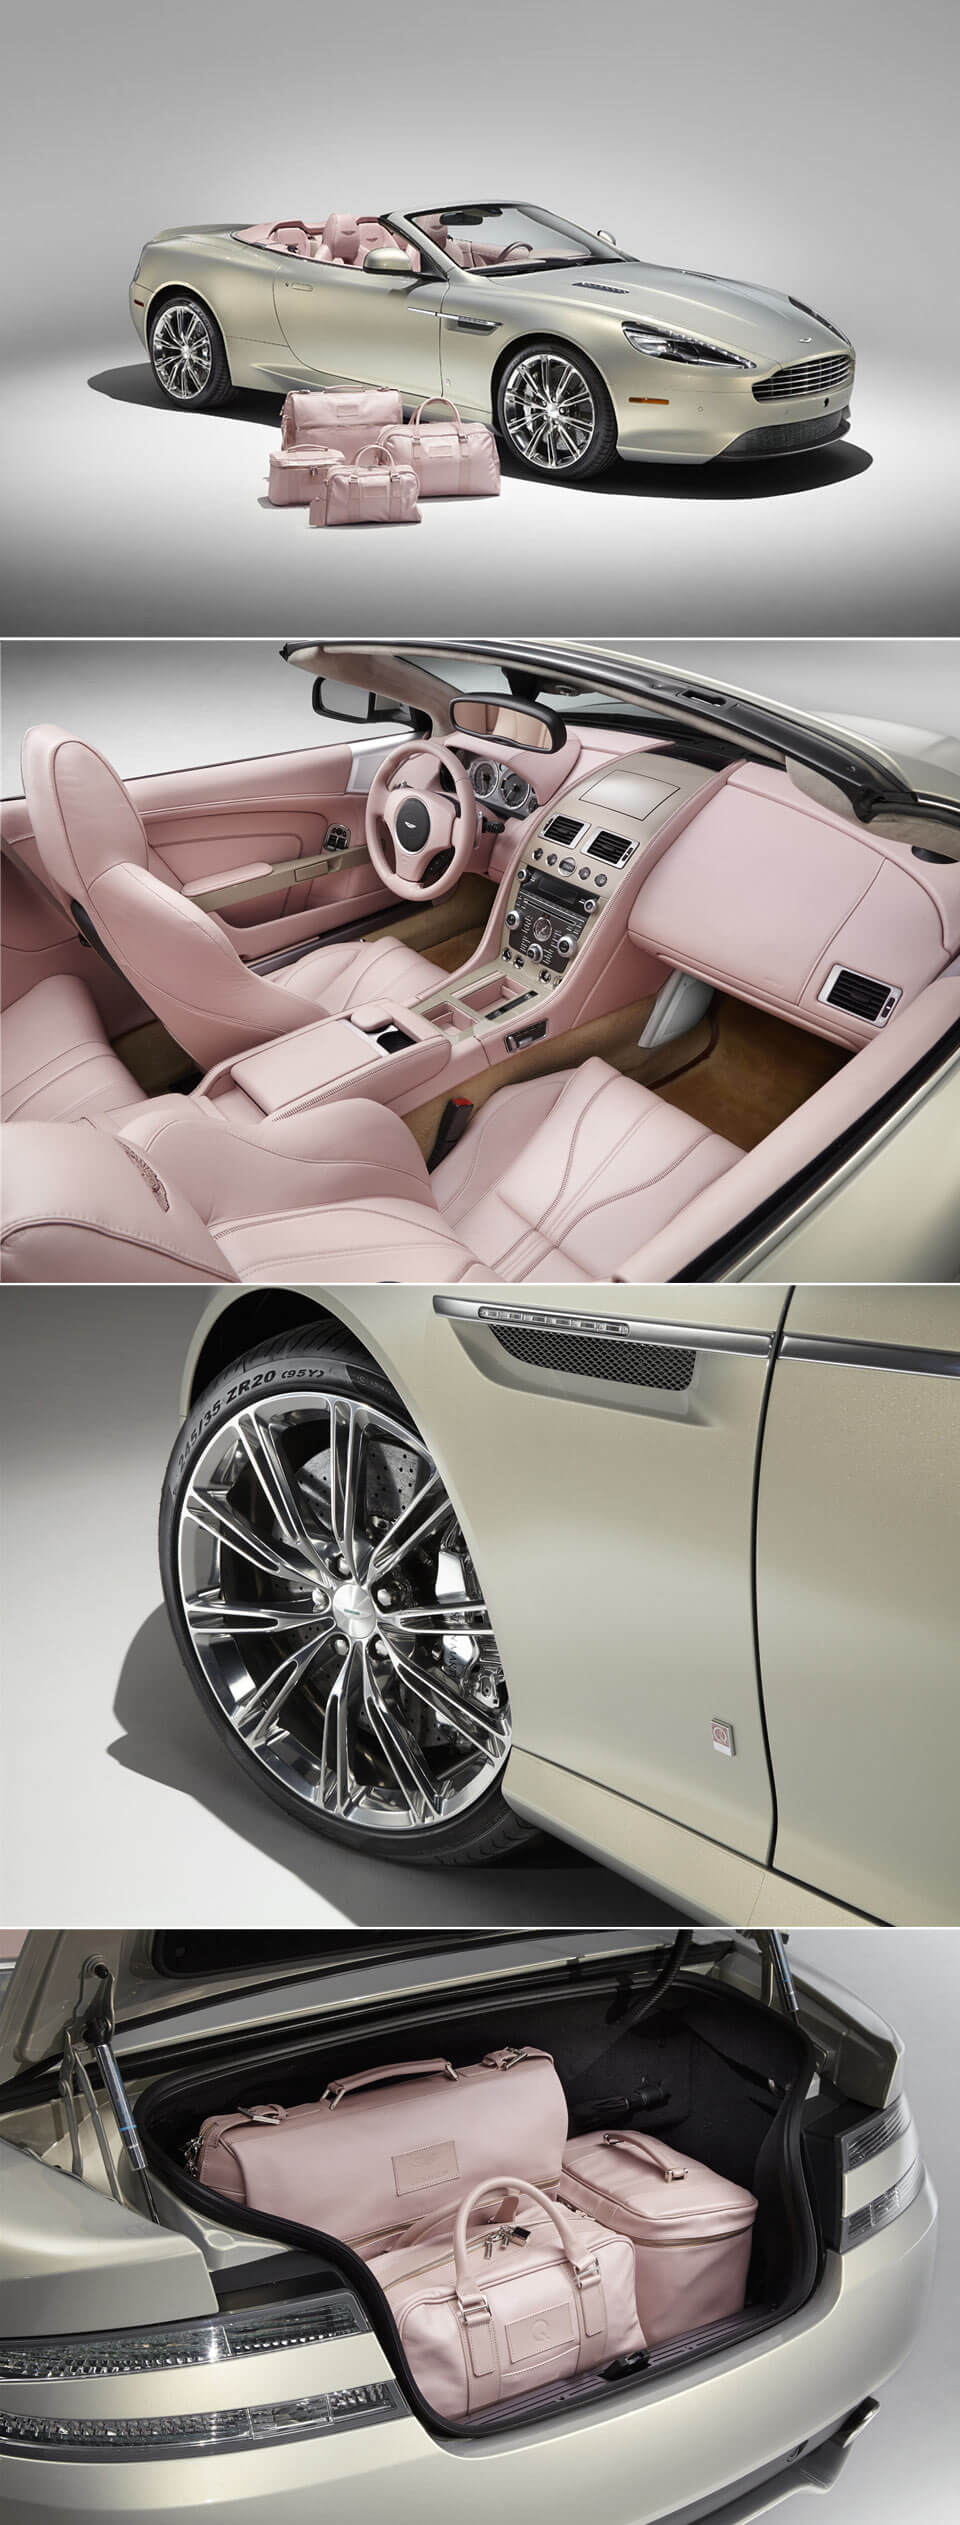 Fotos de carros lindos: Aston Martin Q DB9